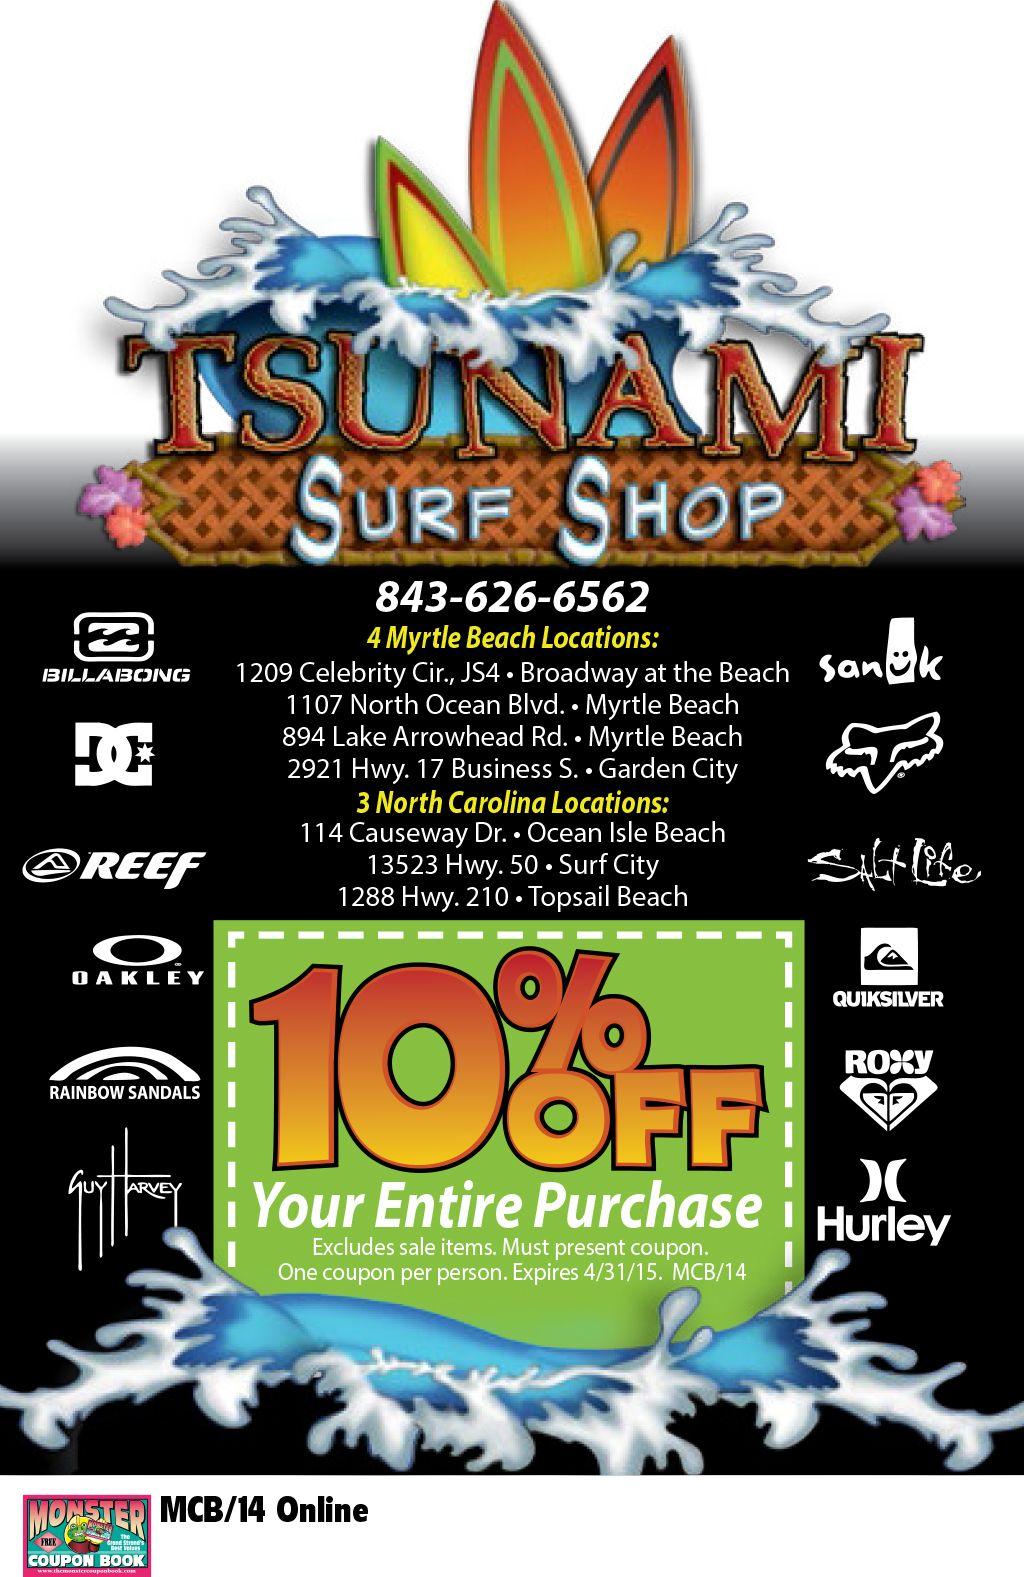 Tsunami Surf Shop Myrtle Beach Resorts Myrtle Beach Resorts Myrtle Beach Broadway At The Beach